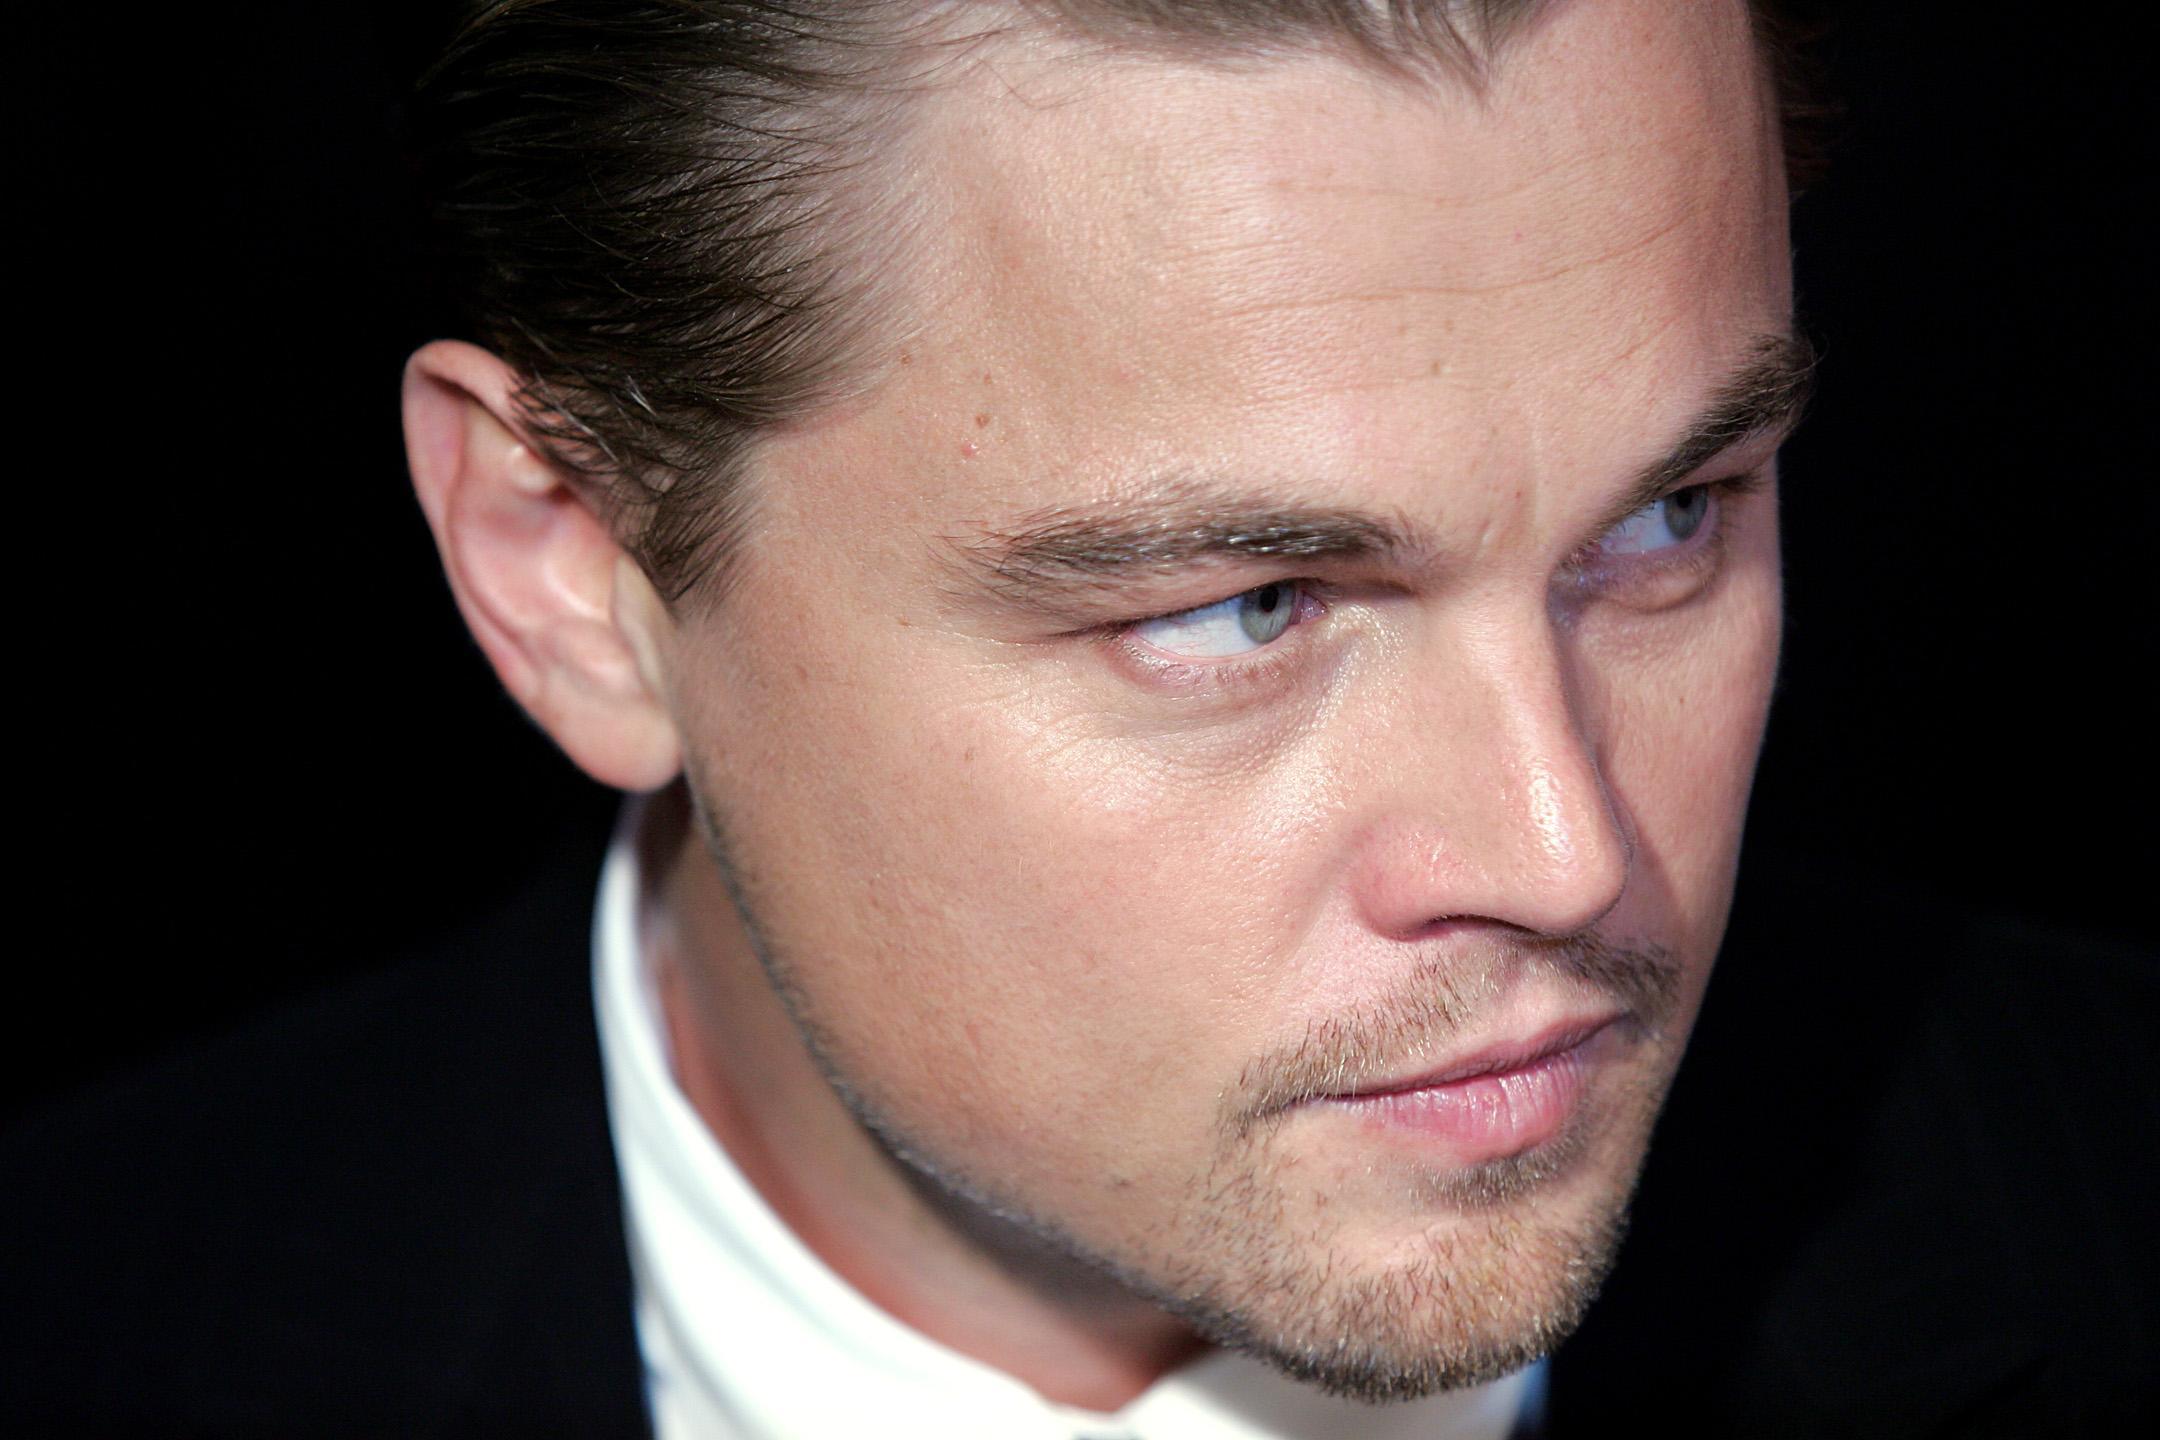 DiCaprio ama le App e investe 4 milioni $